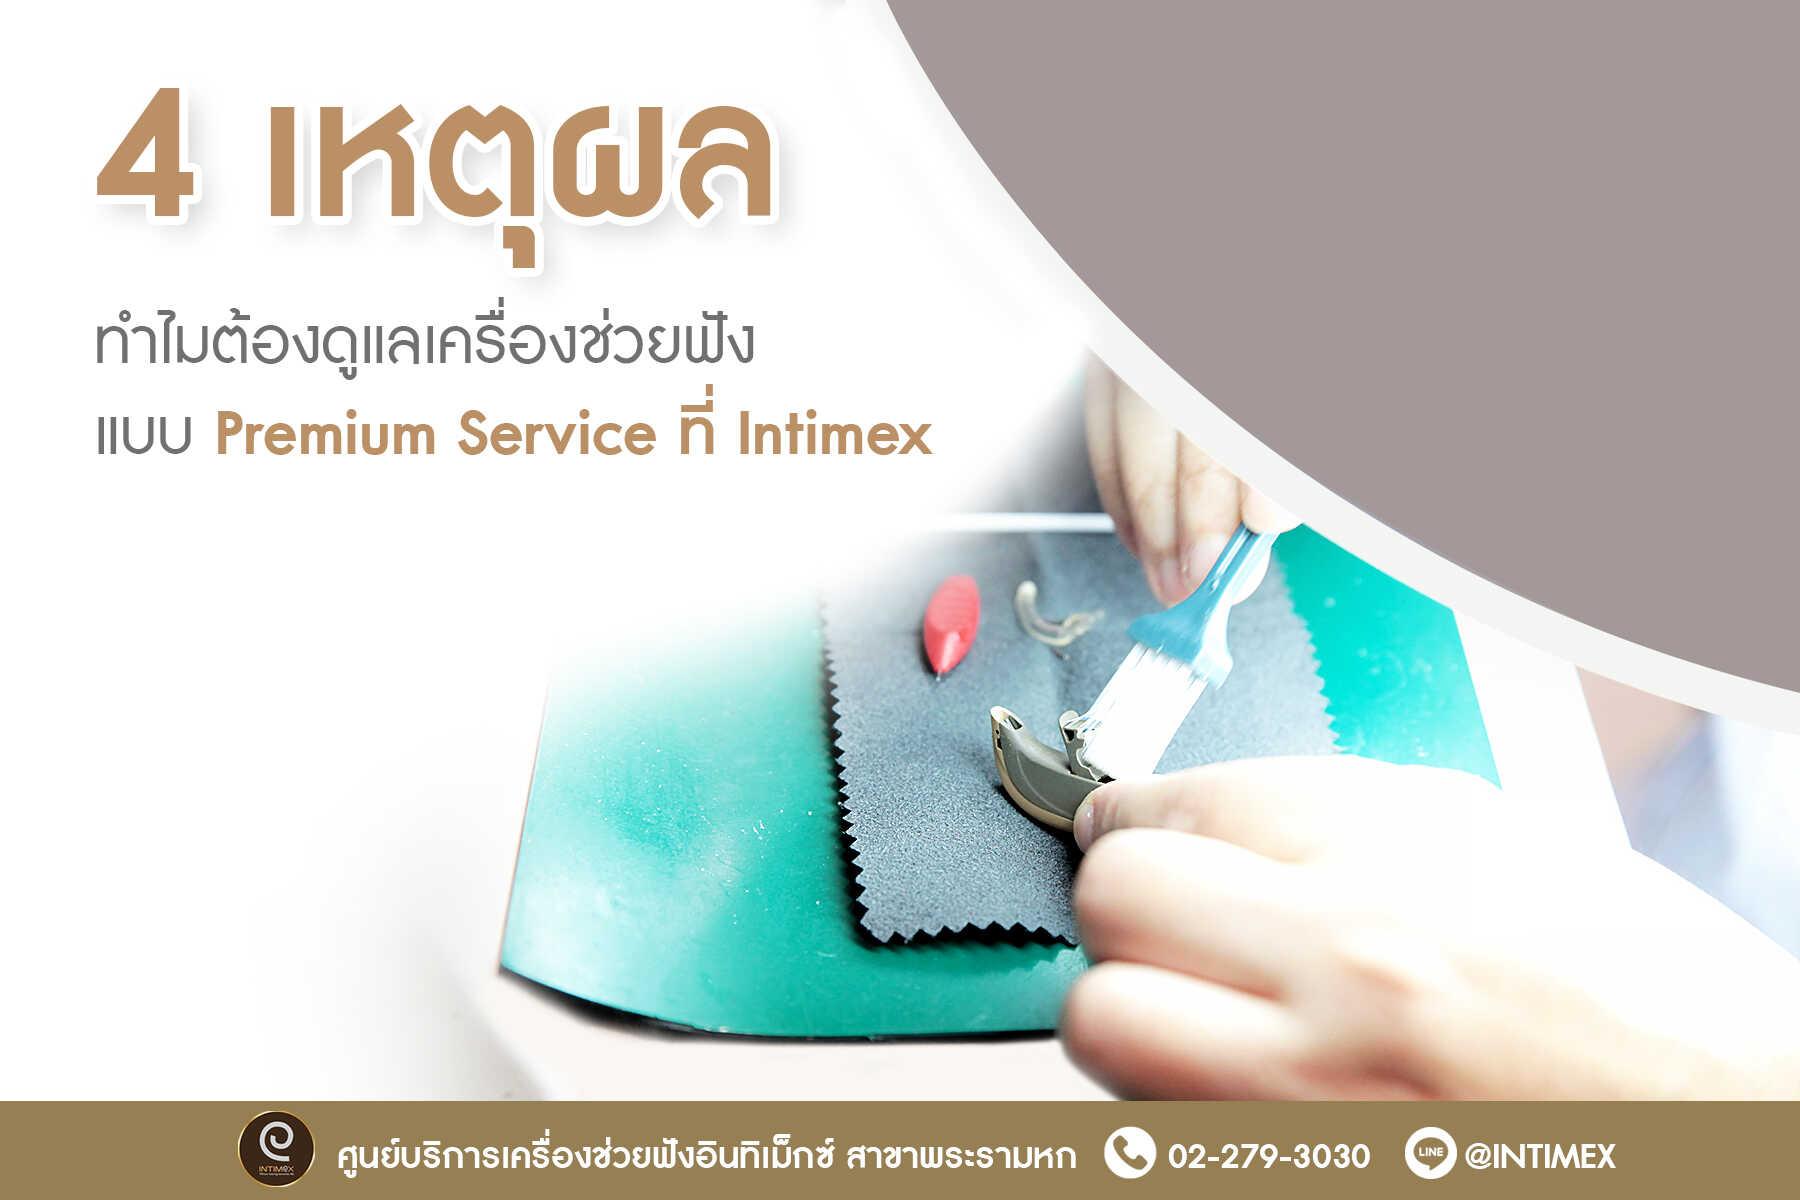 เช็คล้างทำความสะอาดดูแลเครื่องช่วยฟัง-premium-cleaning-and-repair-services-ที่-intimex1